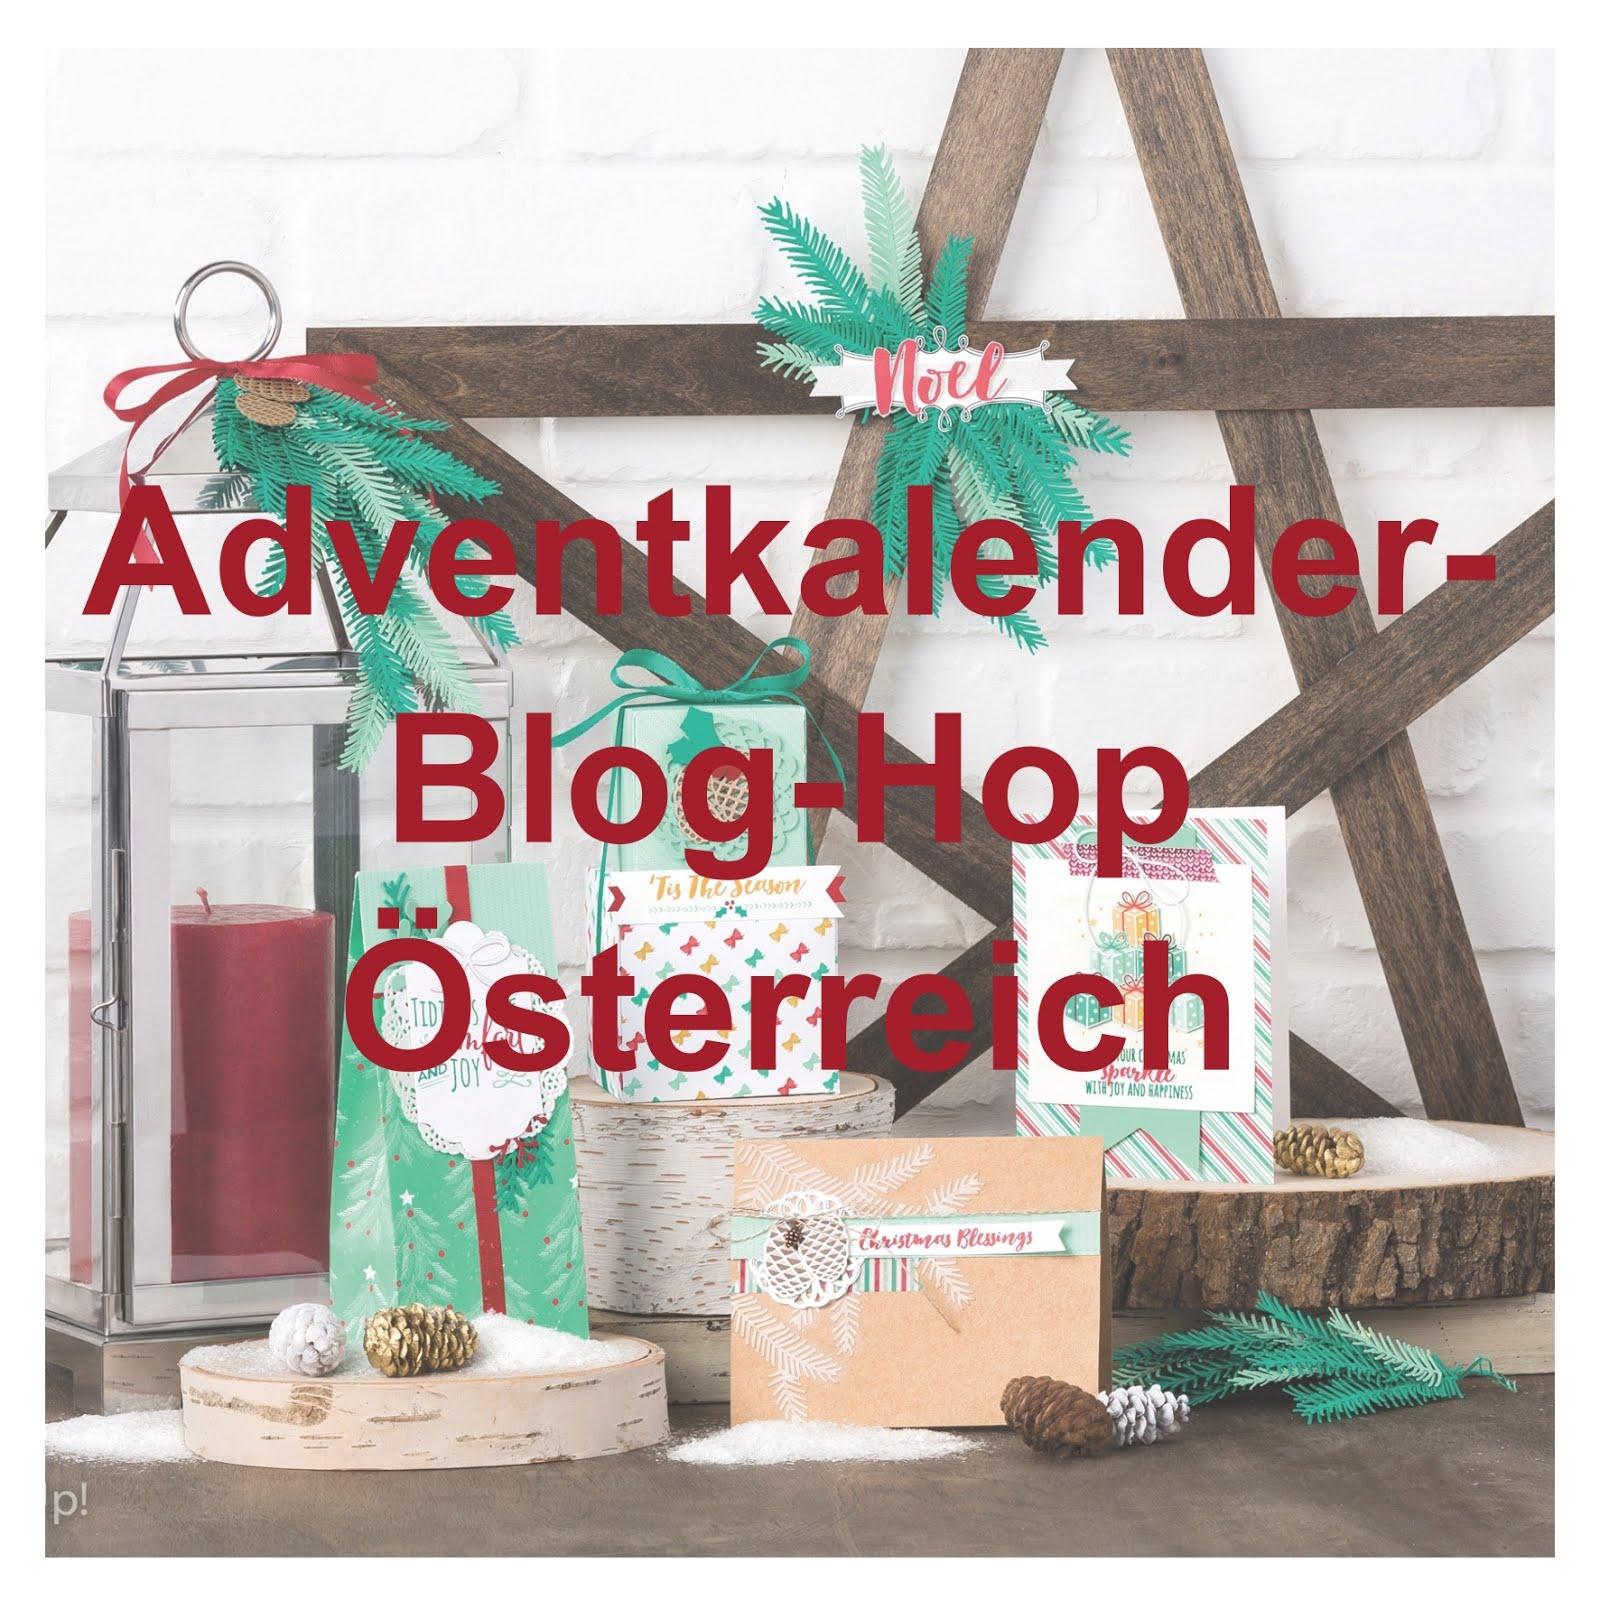 Adventkalender-Blog-Hop der österreichischen Stampin' Up! Demos